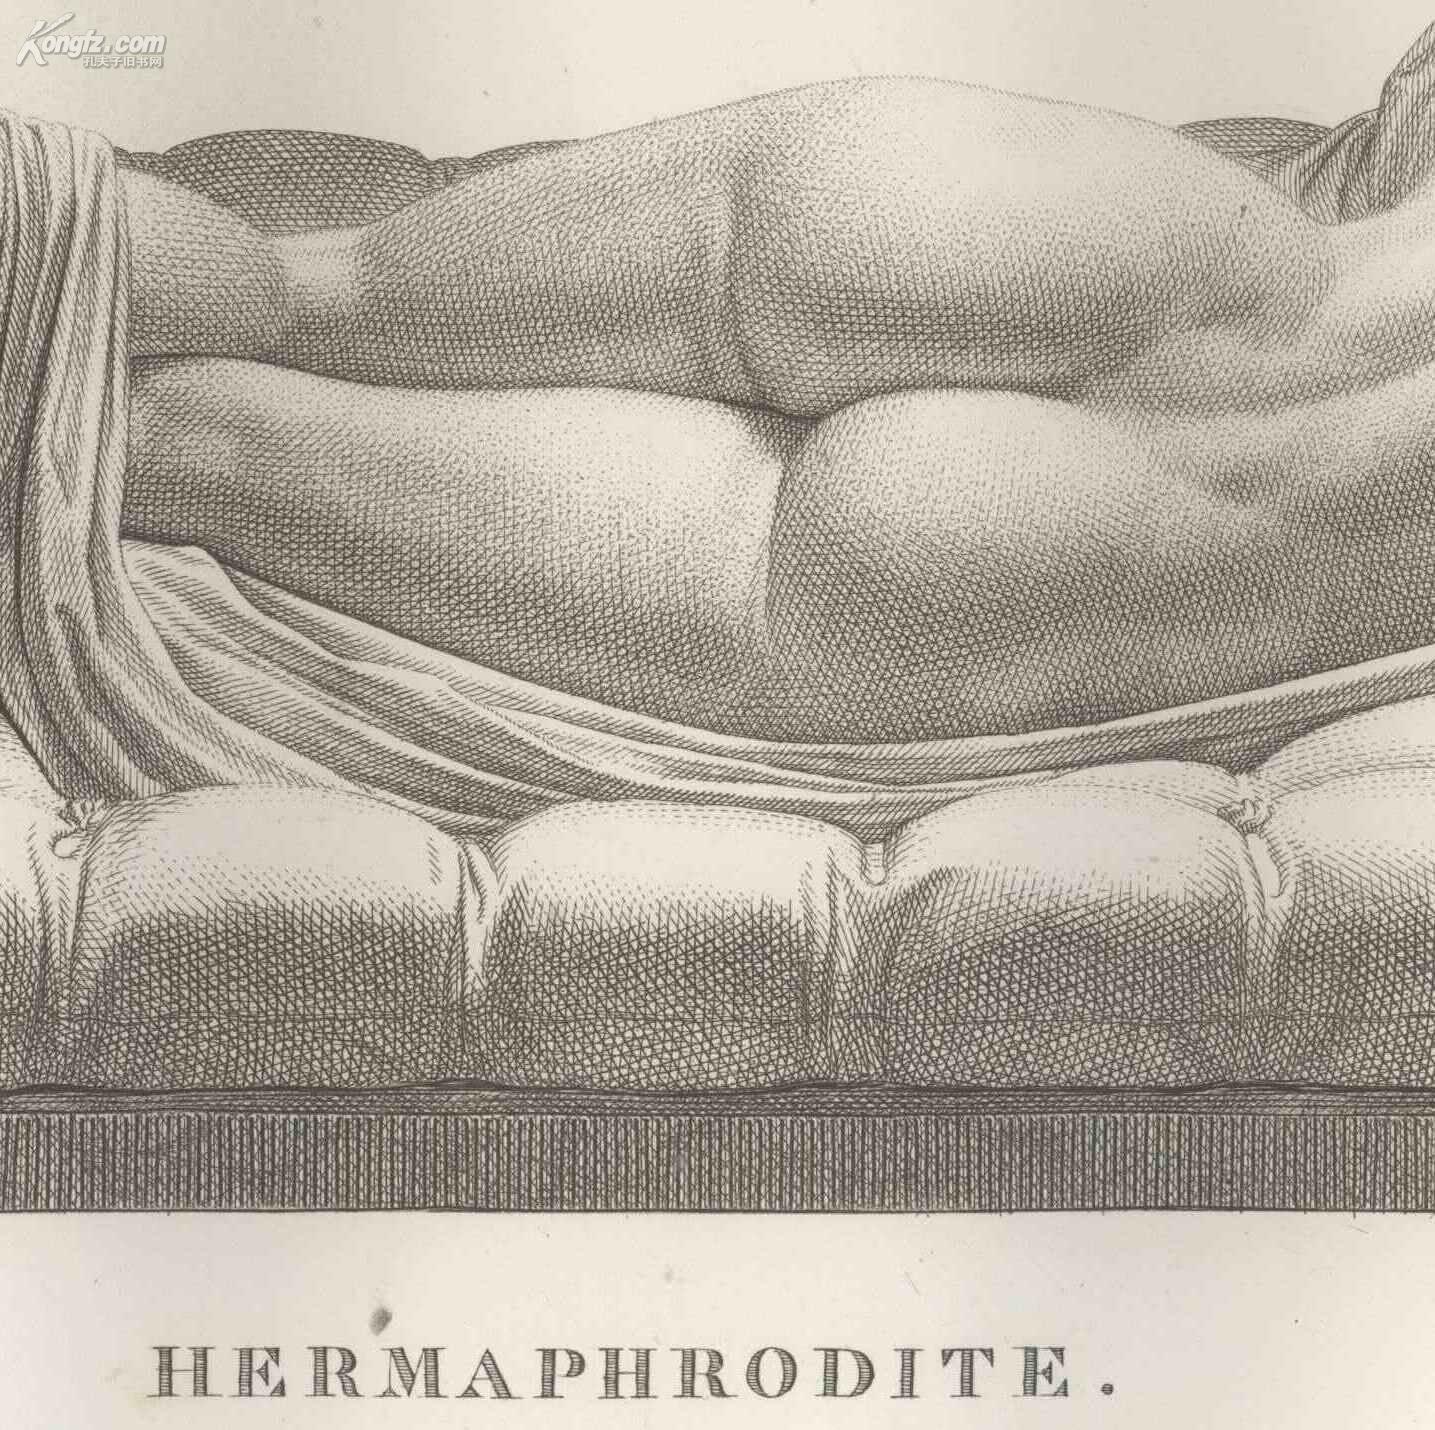 1811年 精美铜版画 hermaphrodite 古希腊雌雄同体雕塑 拍品编号图片